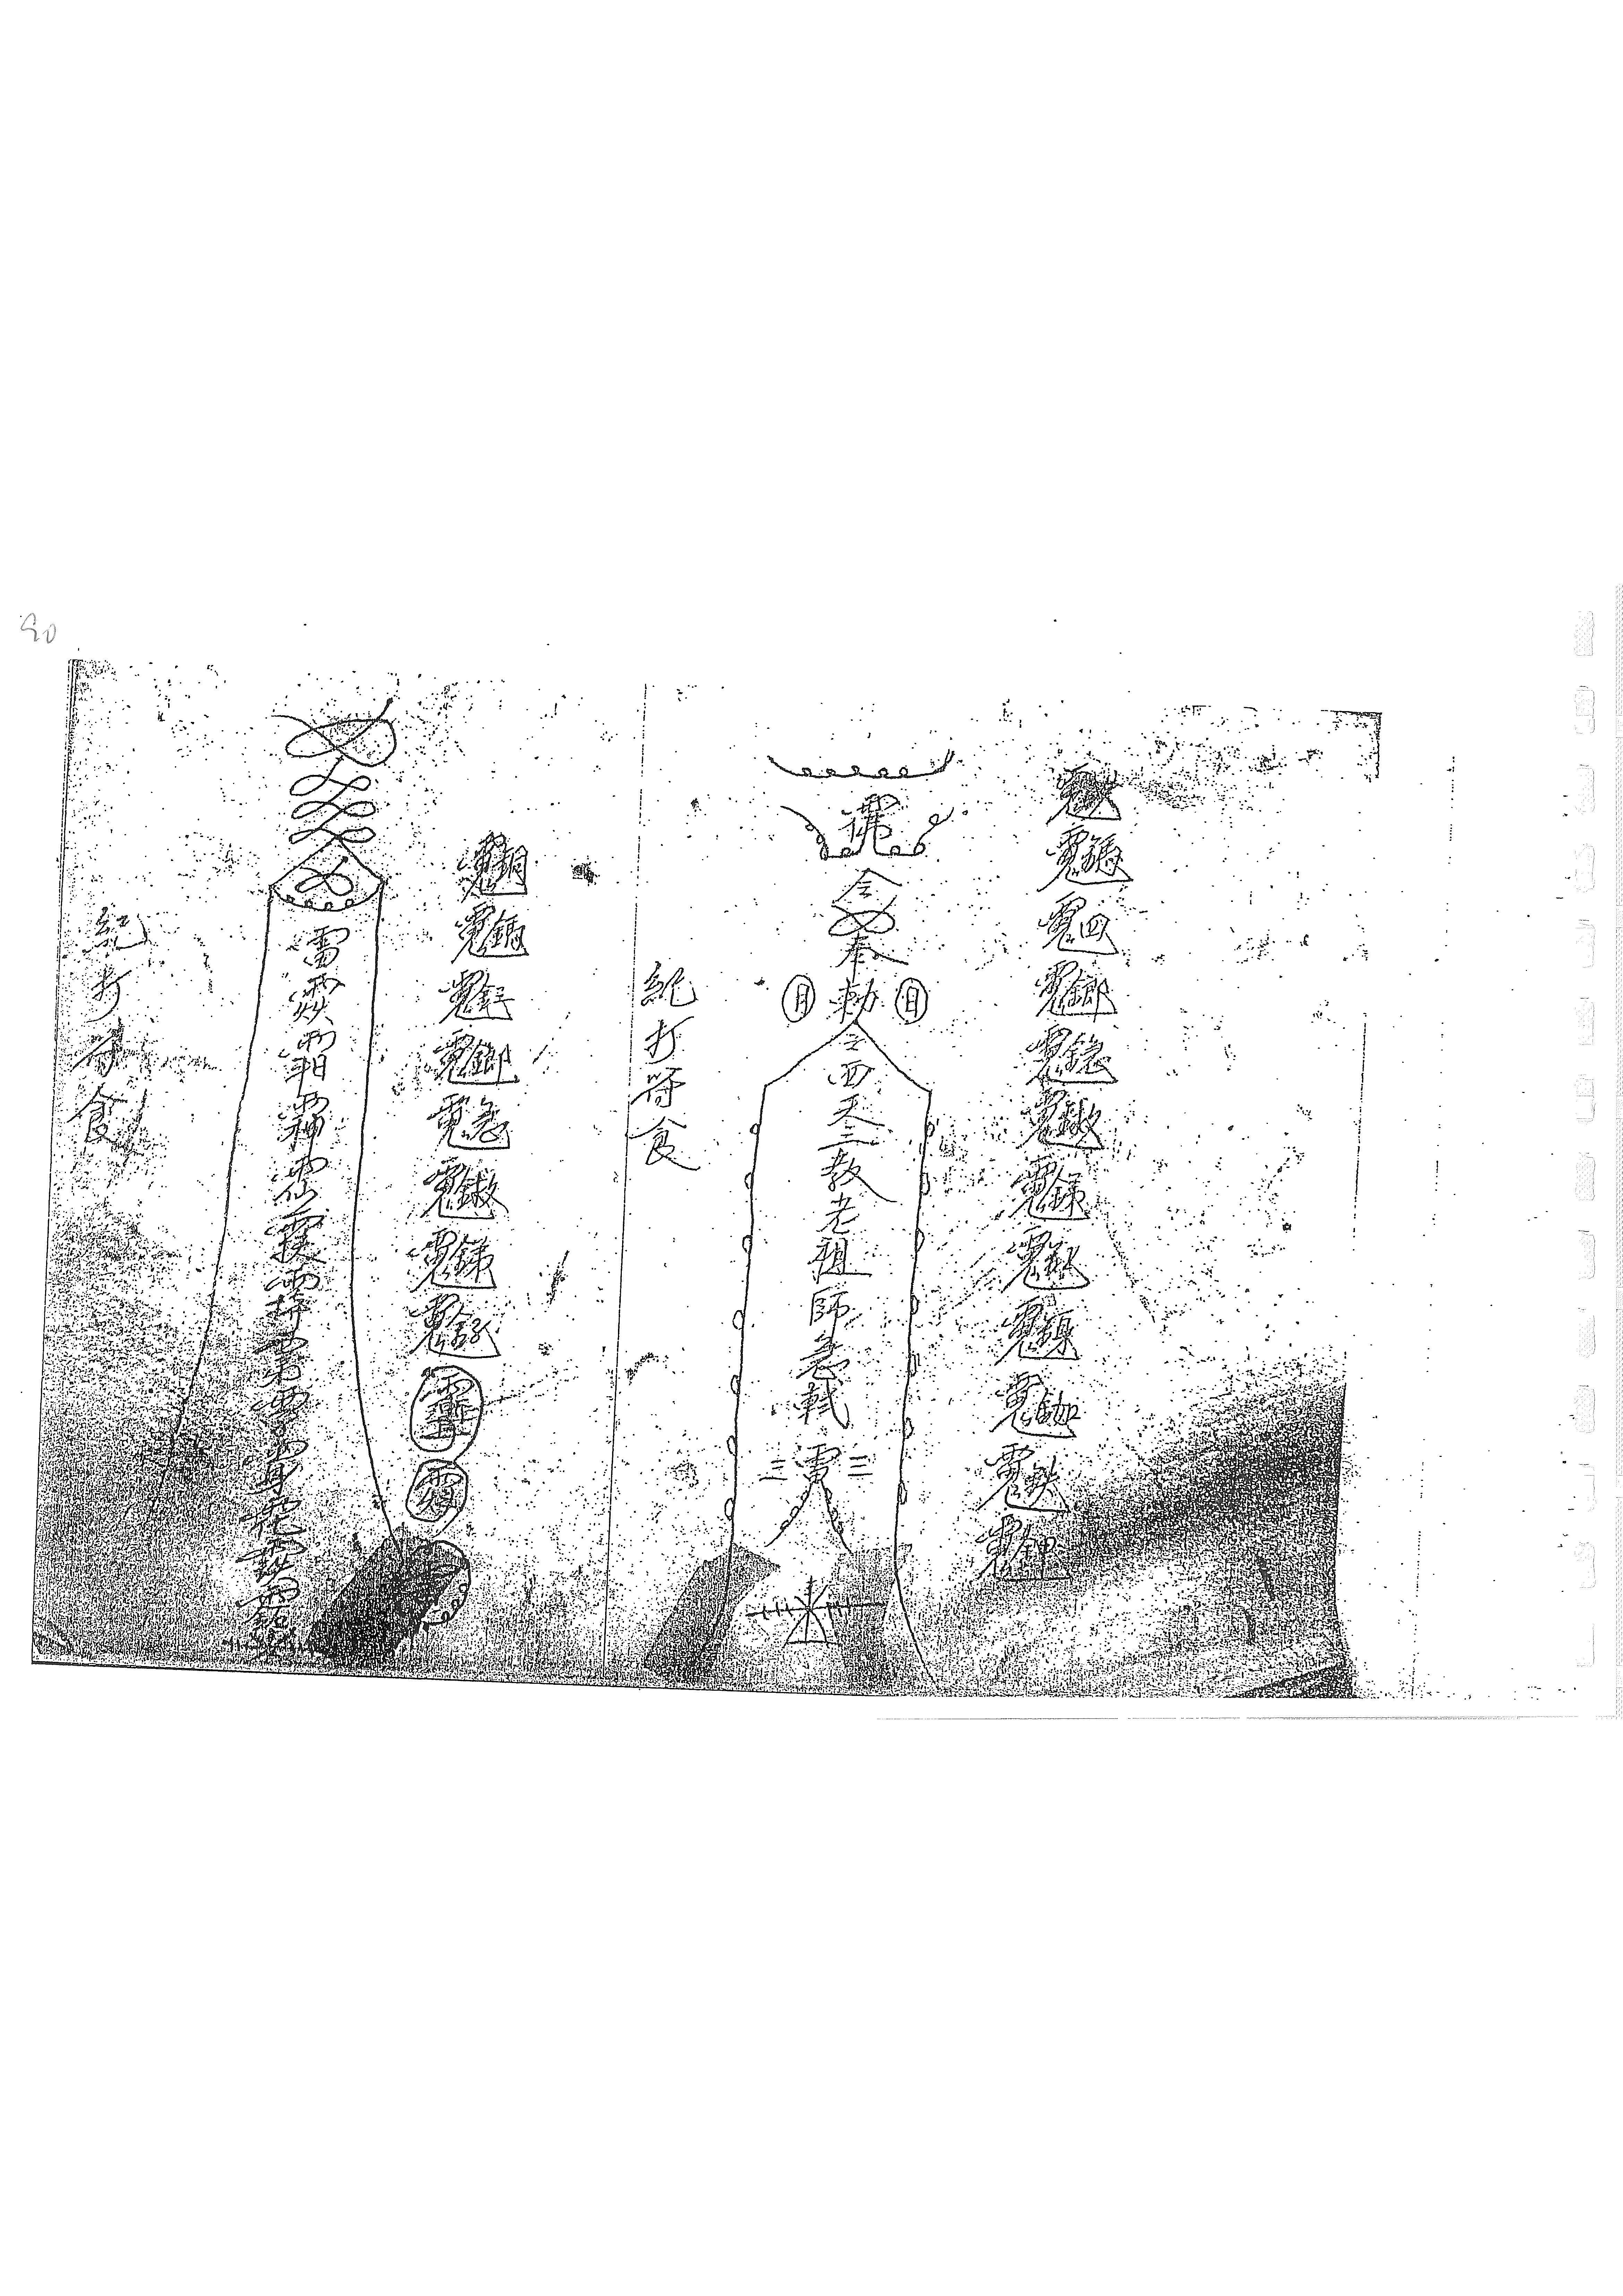 金英教符箓秘传秘笈法本首度公开 共185页电子版